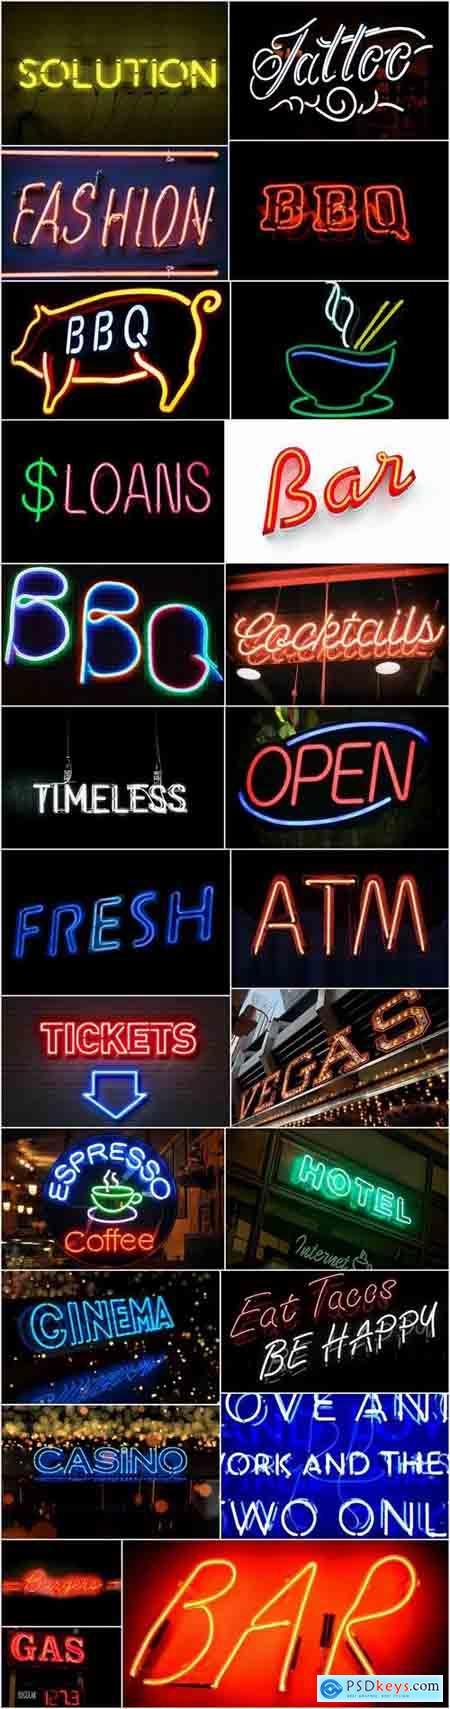 Neon sign filament inert gas 25 HQ Jpeg